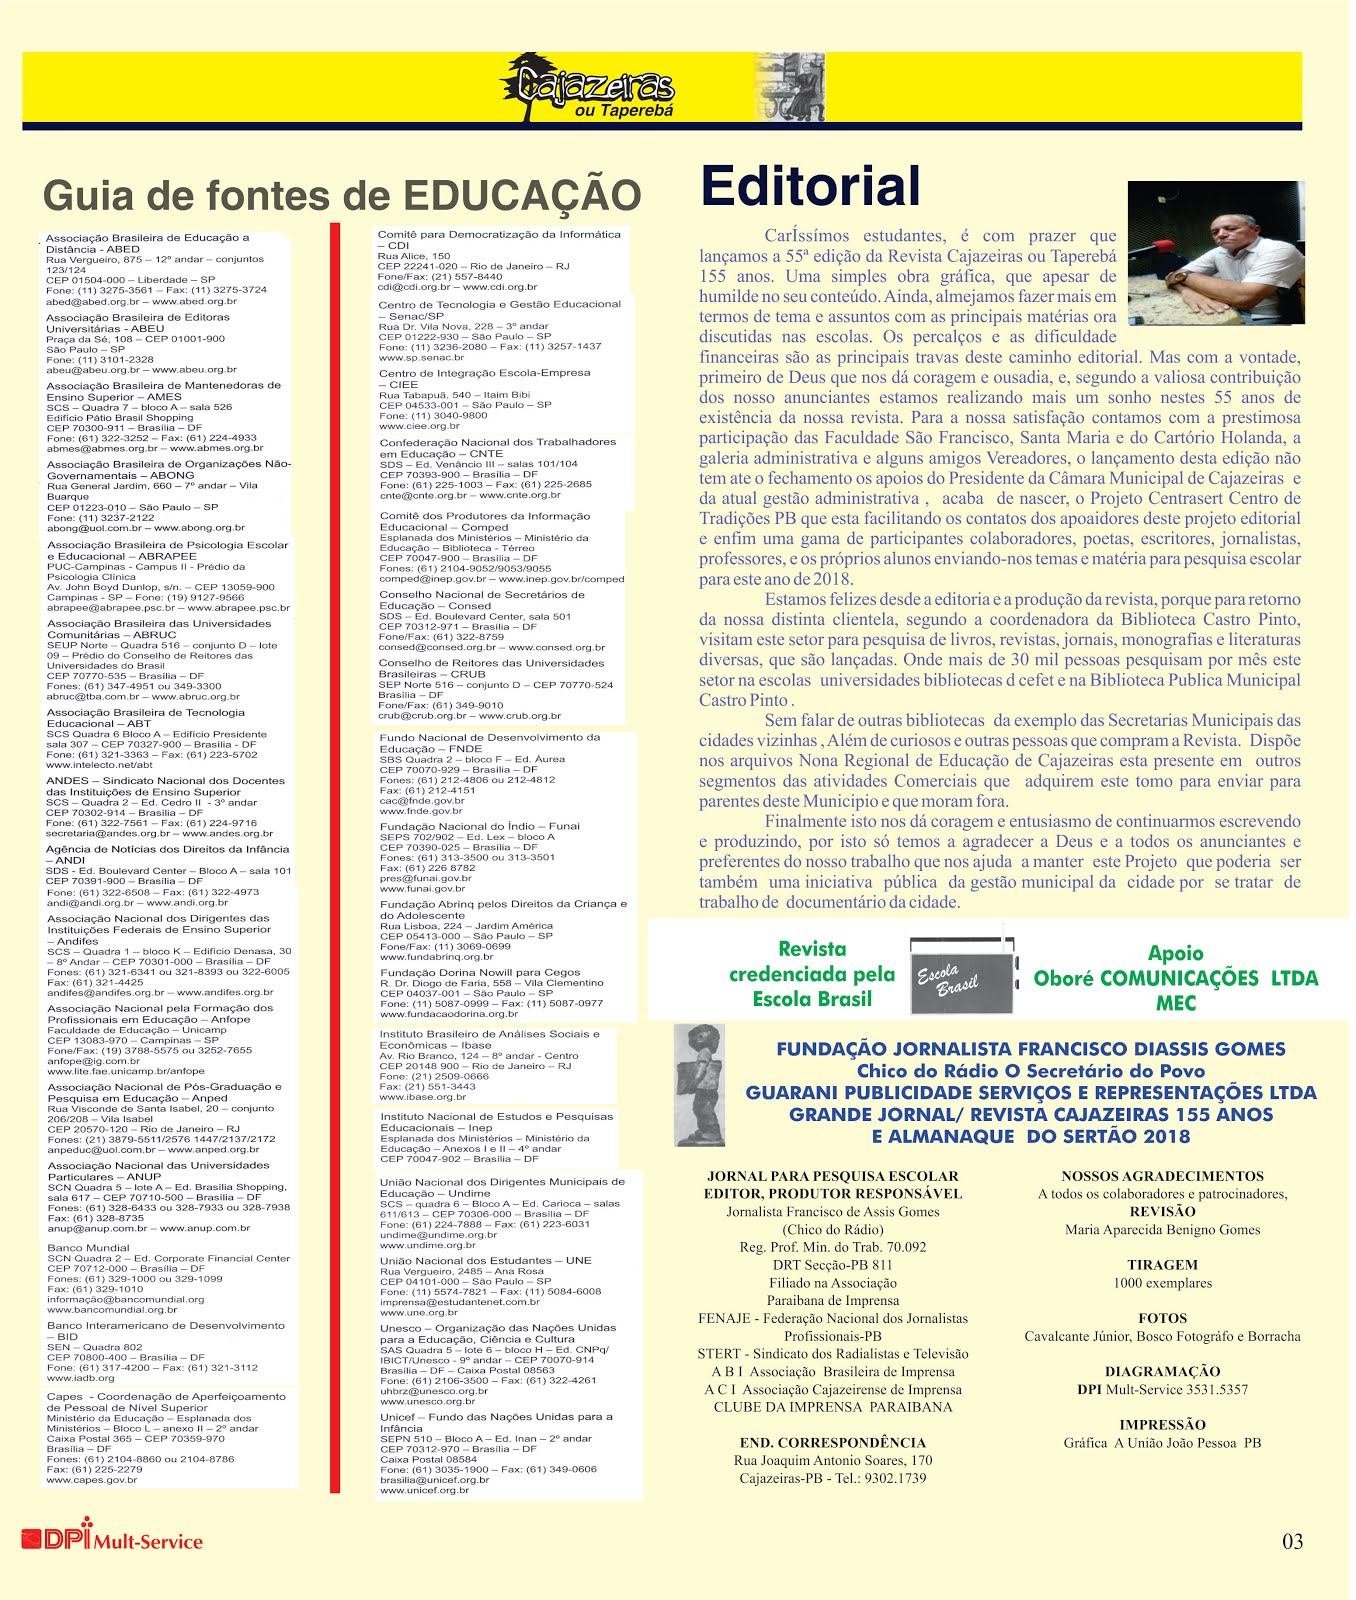 PAGINA  CORRIGIDA DA REVISTA CAJAZEIRAS  PARA PESQUISA  ESCOLAR